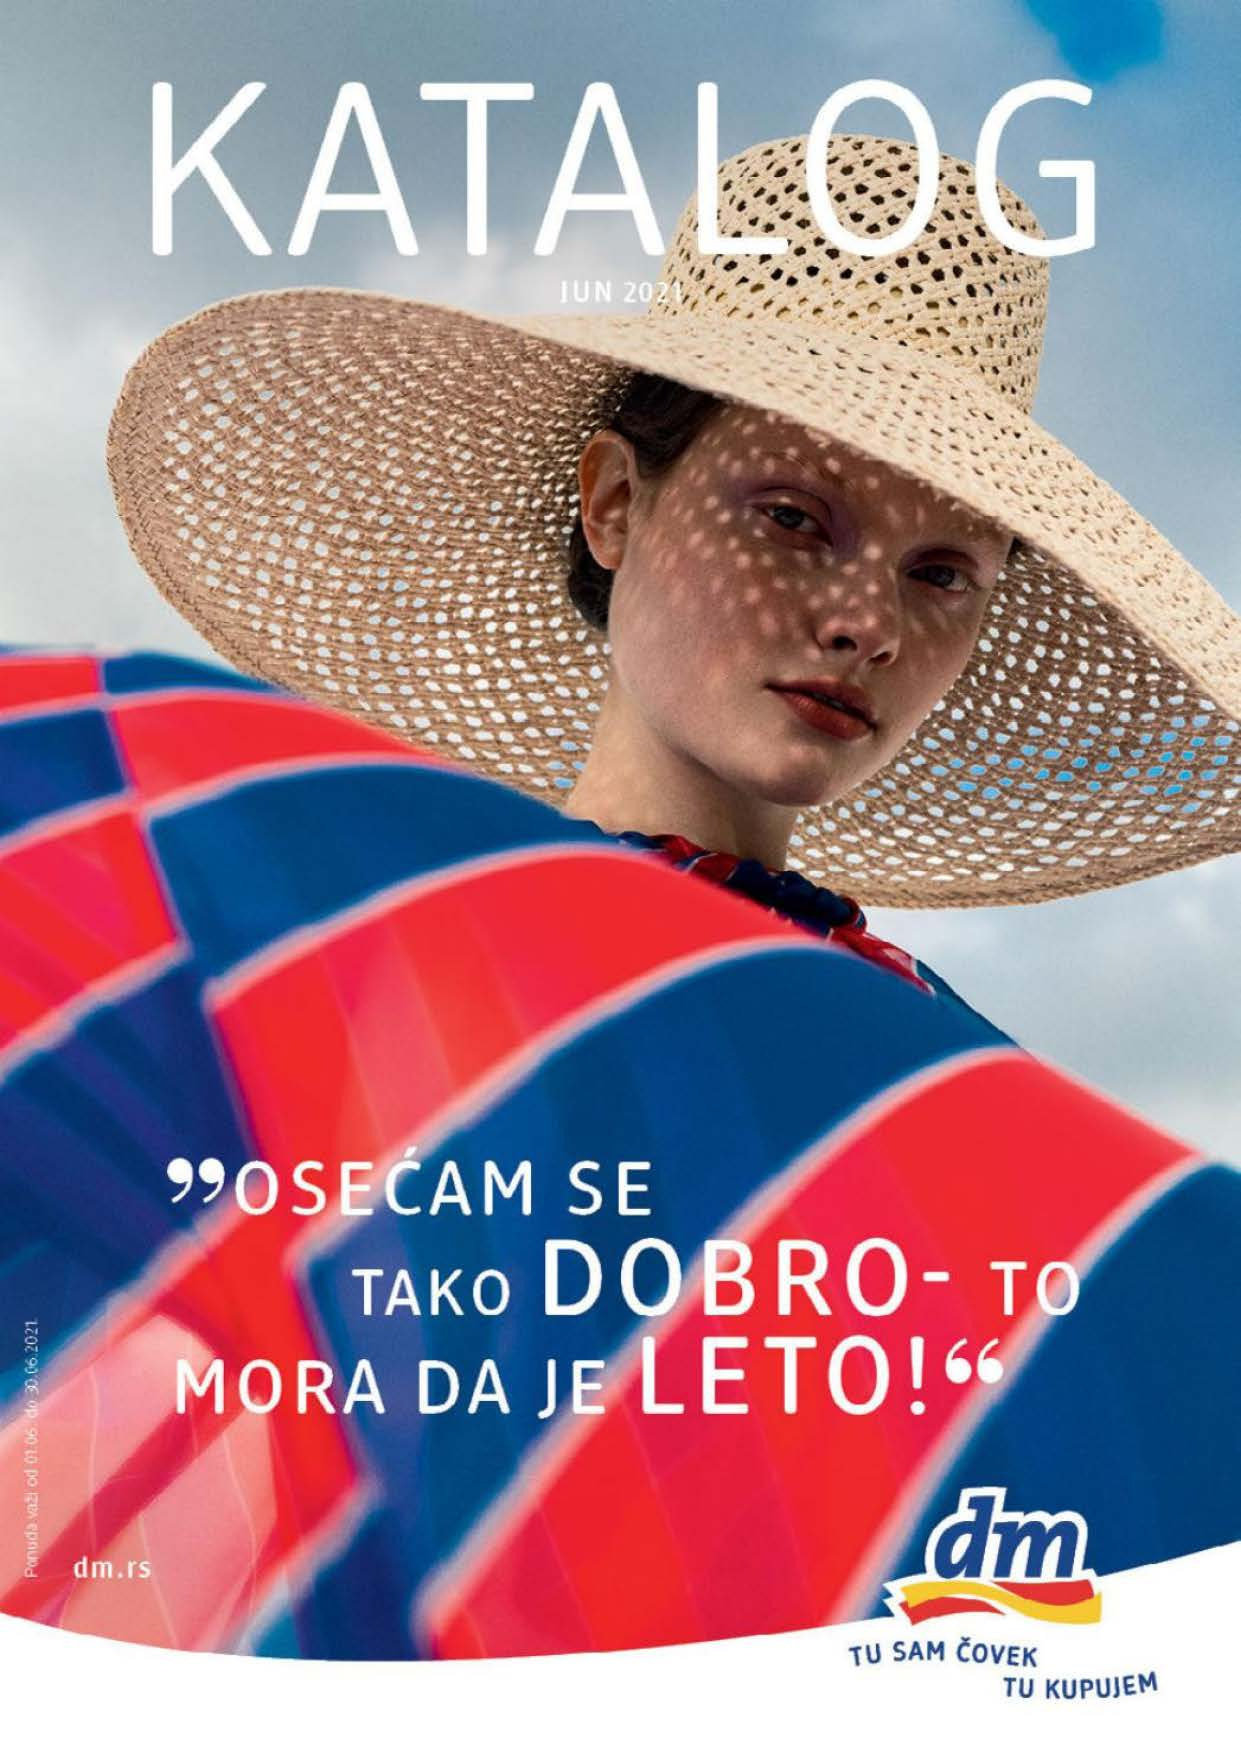 DM Katalog SRBIJA JUN 2021 01.06.2021. 30.06.2021. eKatalozi.com PR Page 01